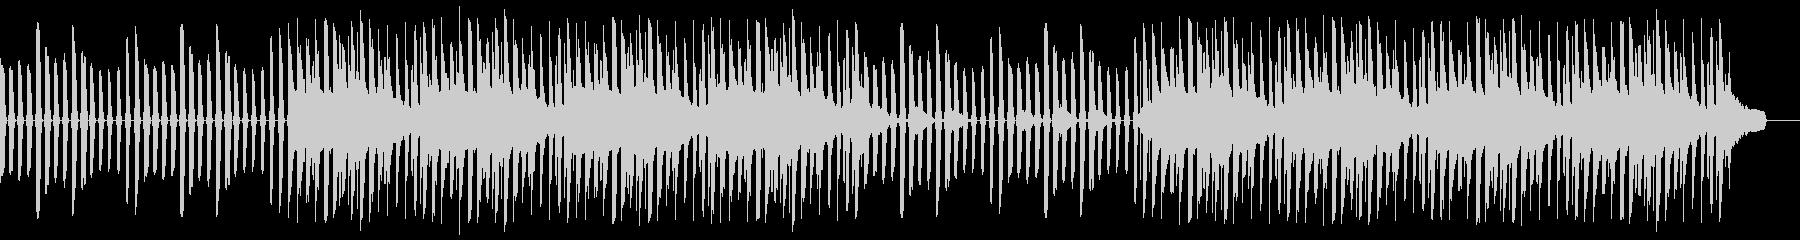 ミニマル、ハッピー、シンセ、ドラムの未再生の波形